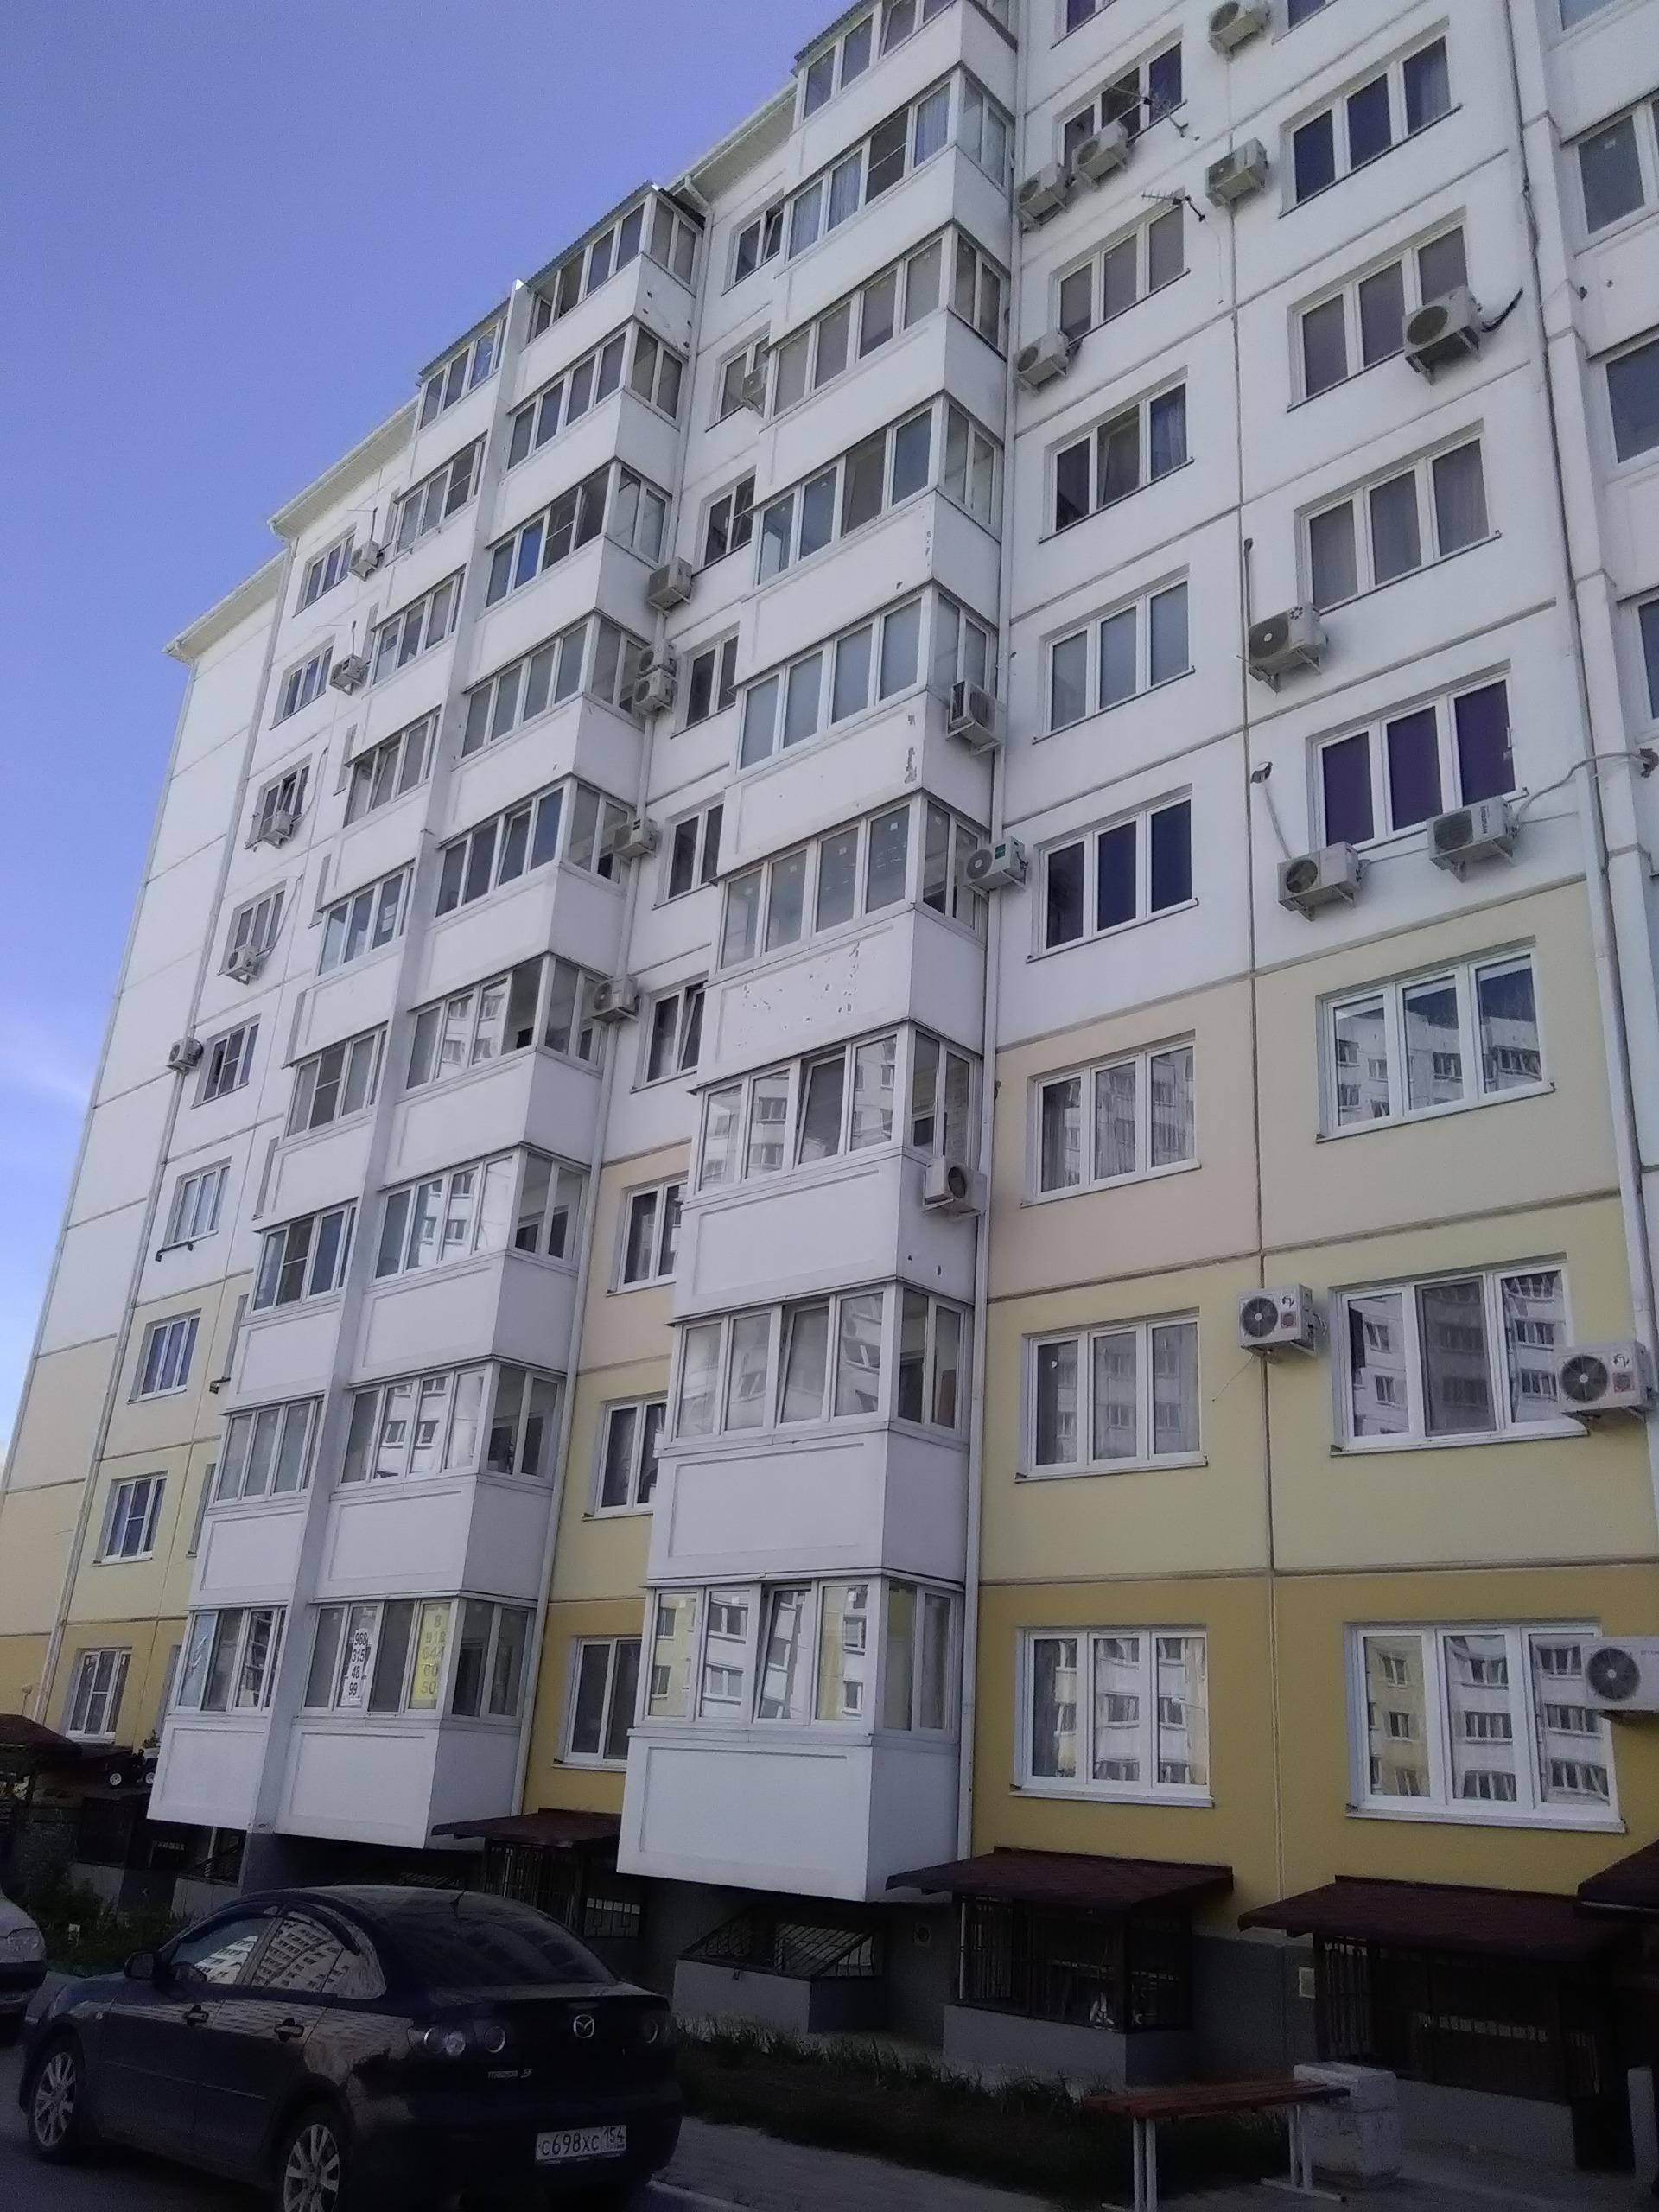 Коммерческая недвижимость а анапе коммерческая недвижимость инта